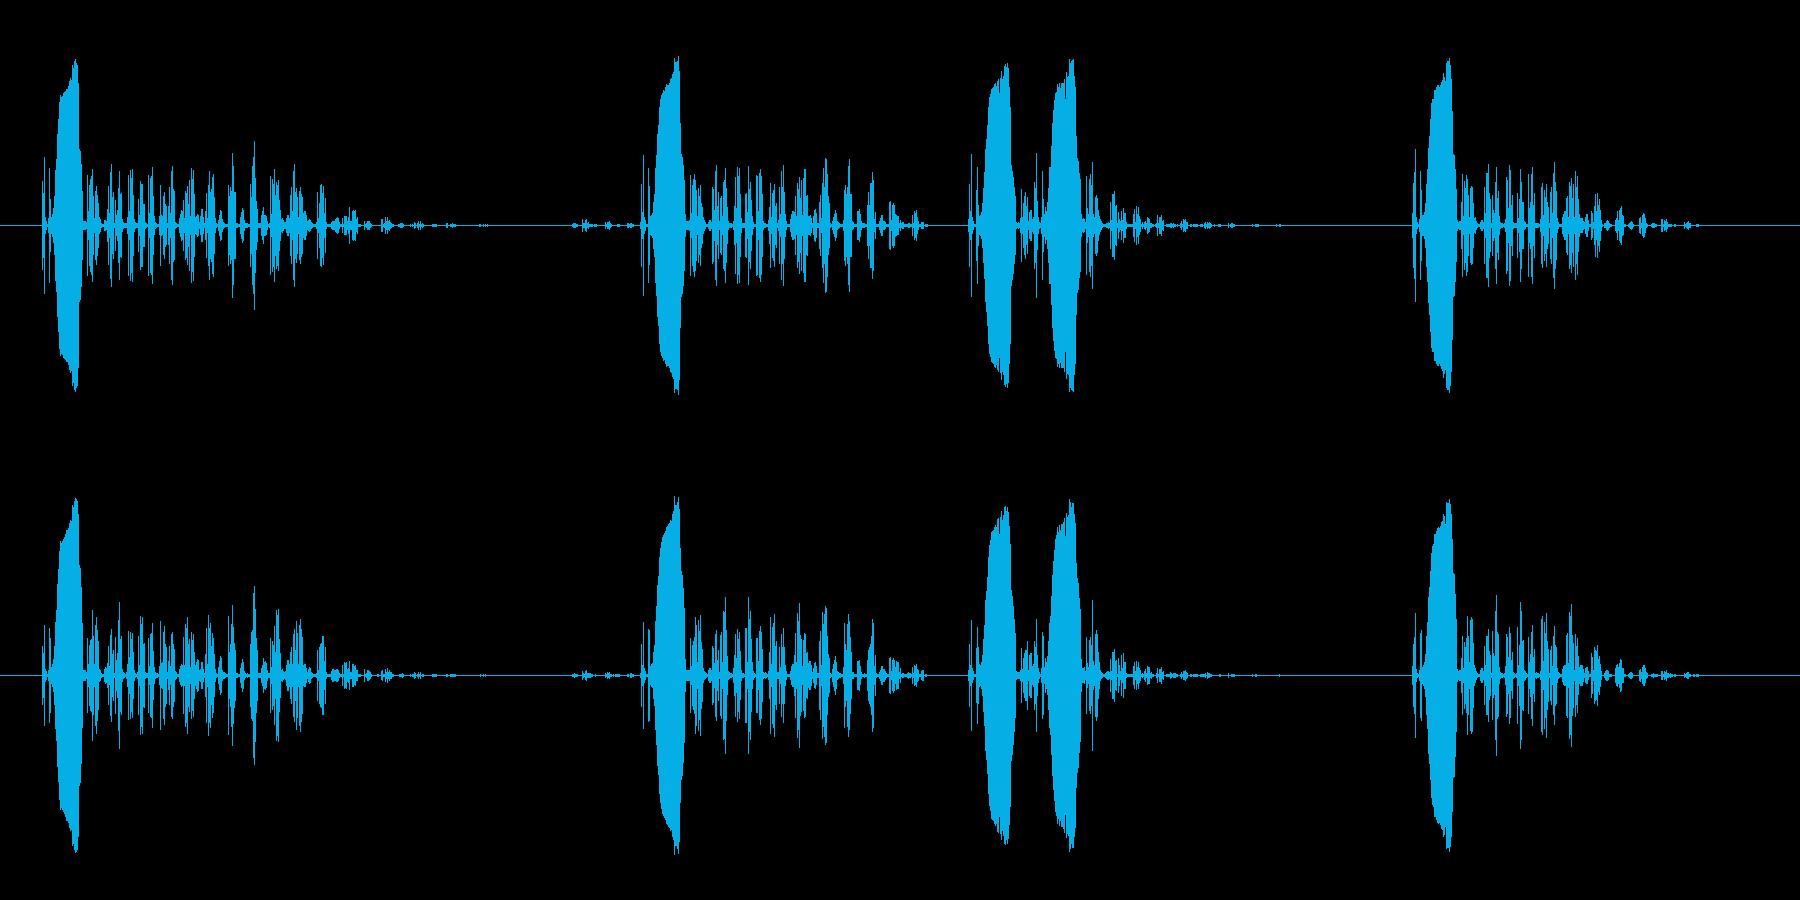 小鳥の鳴き声の効果音の再生済みの波形